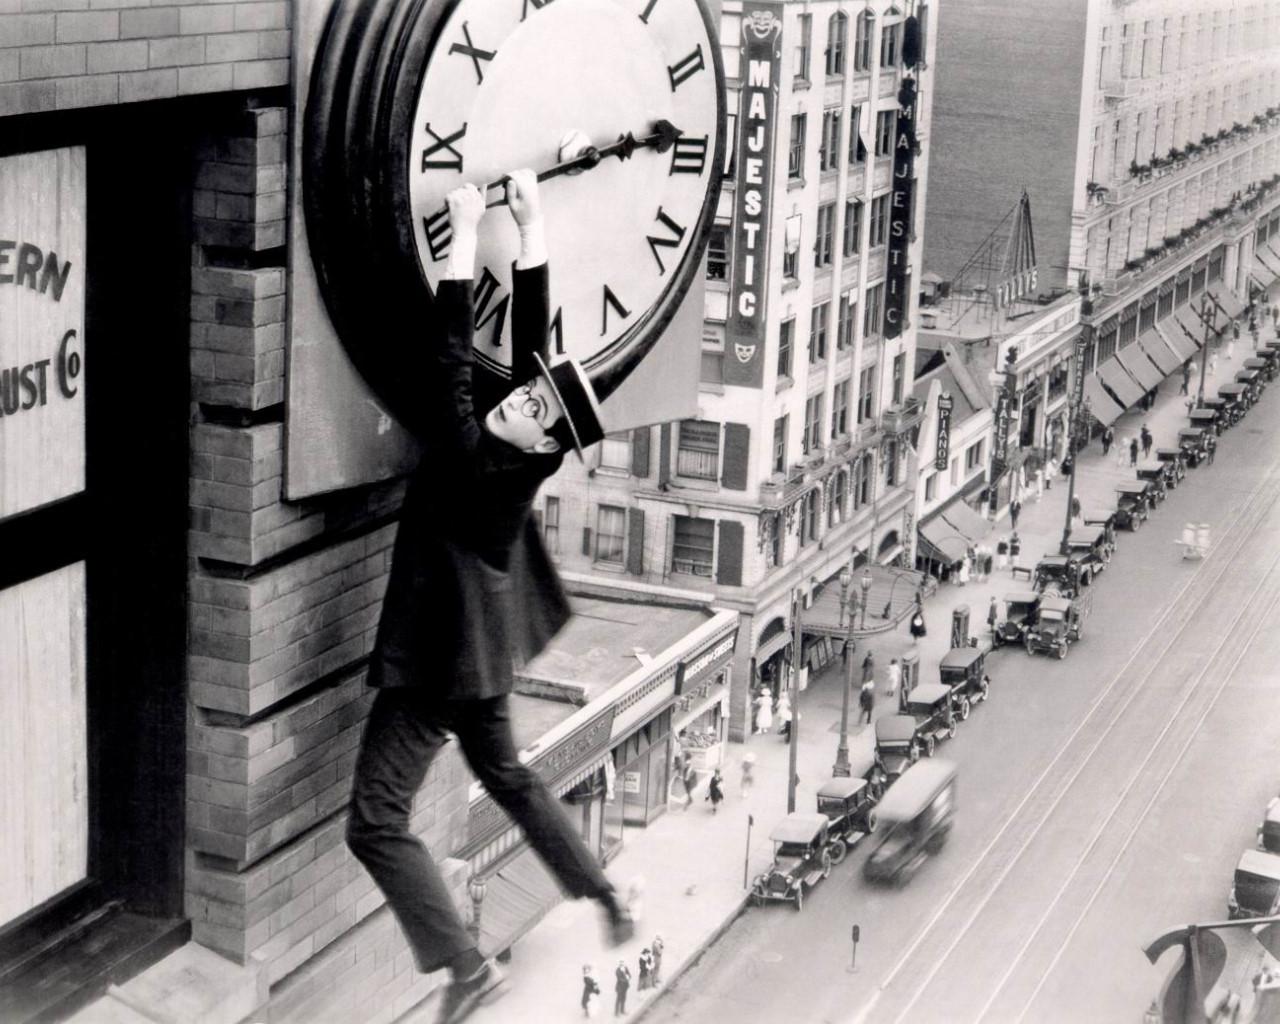 harold-lloyd-safety-last-clock1.jpg